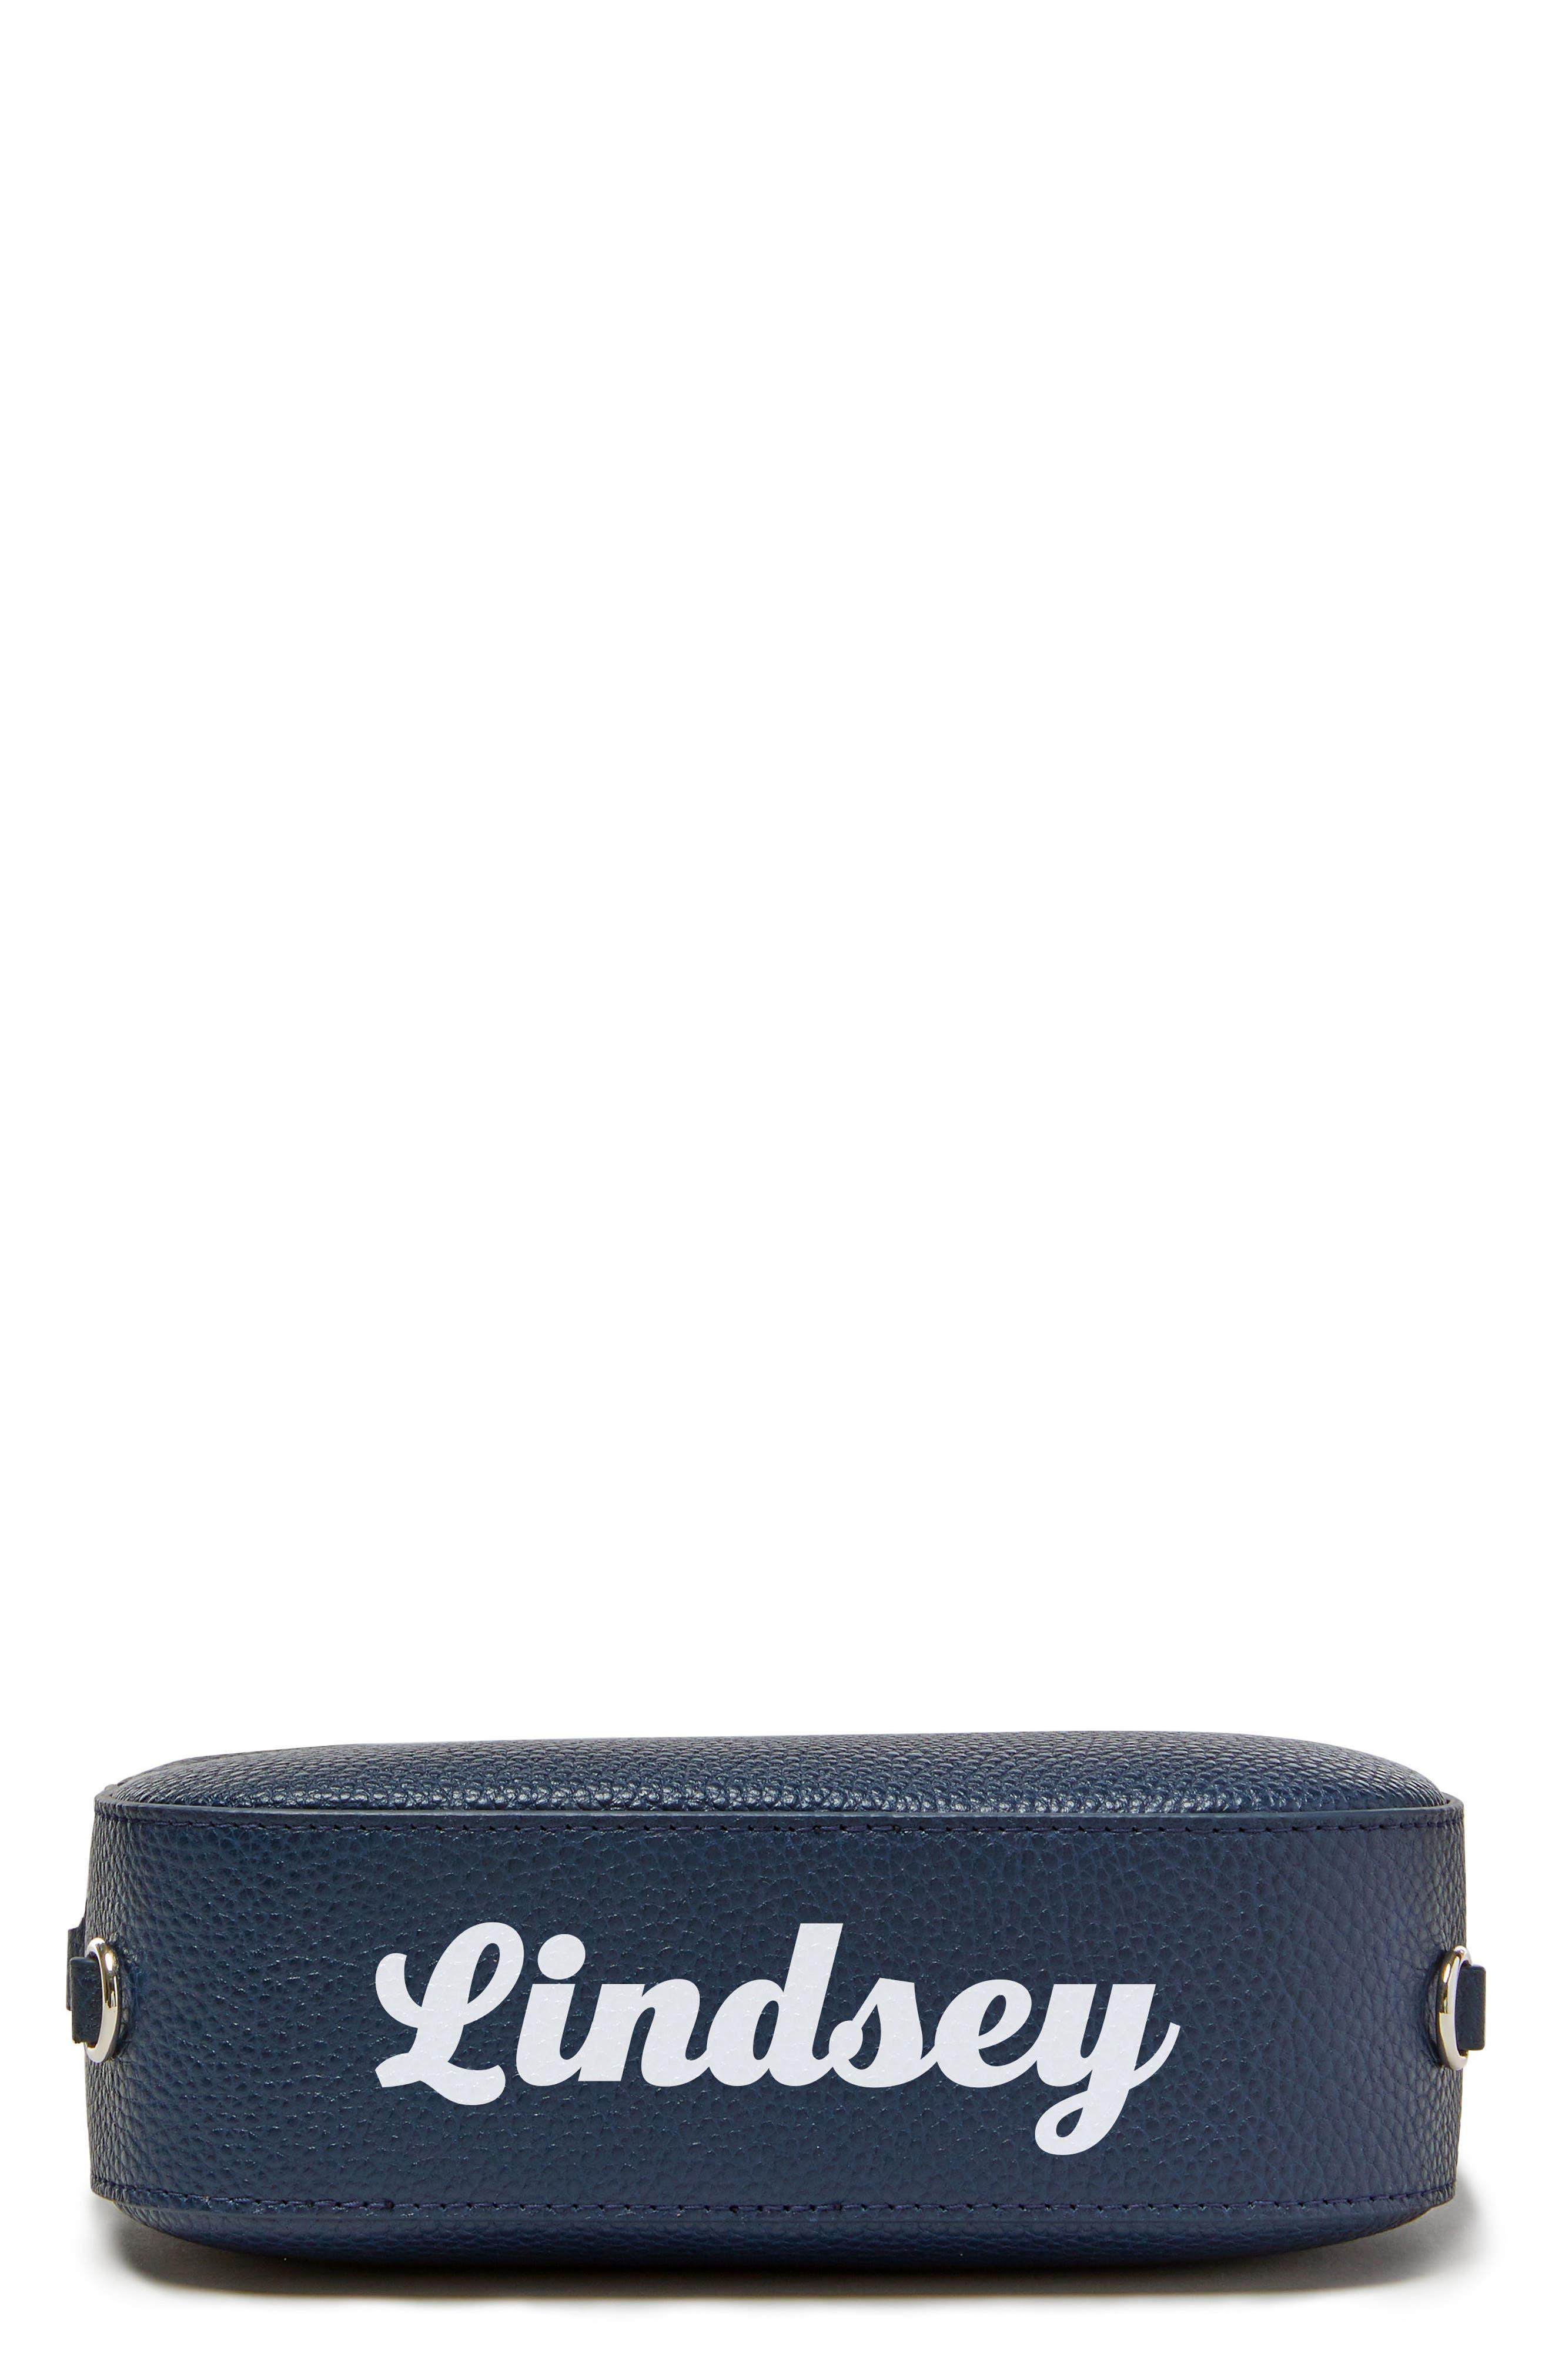 Bigger Personalized Camera Bag,                             Main thumbnail 3, color,